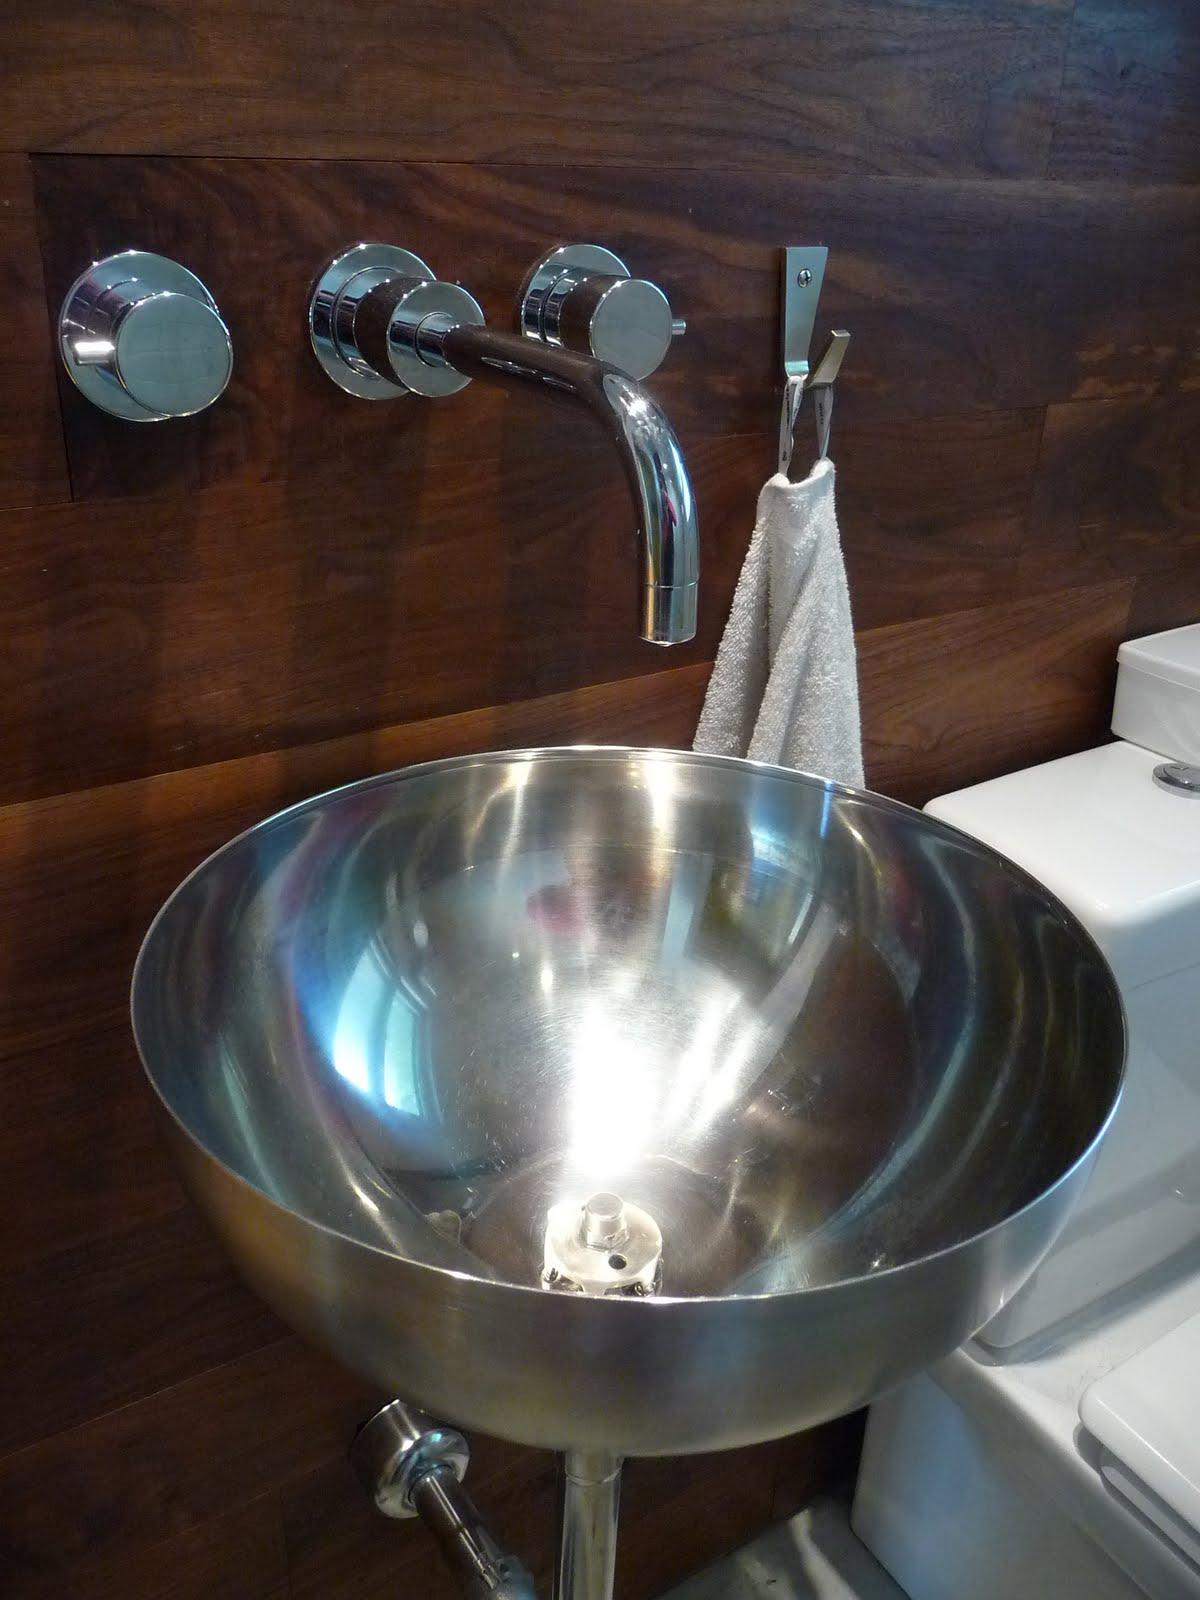 Superb IKEA salad bowl sink